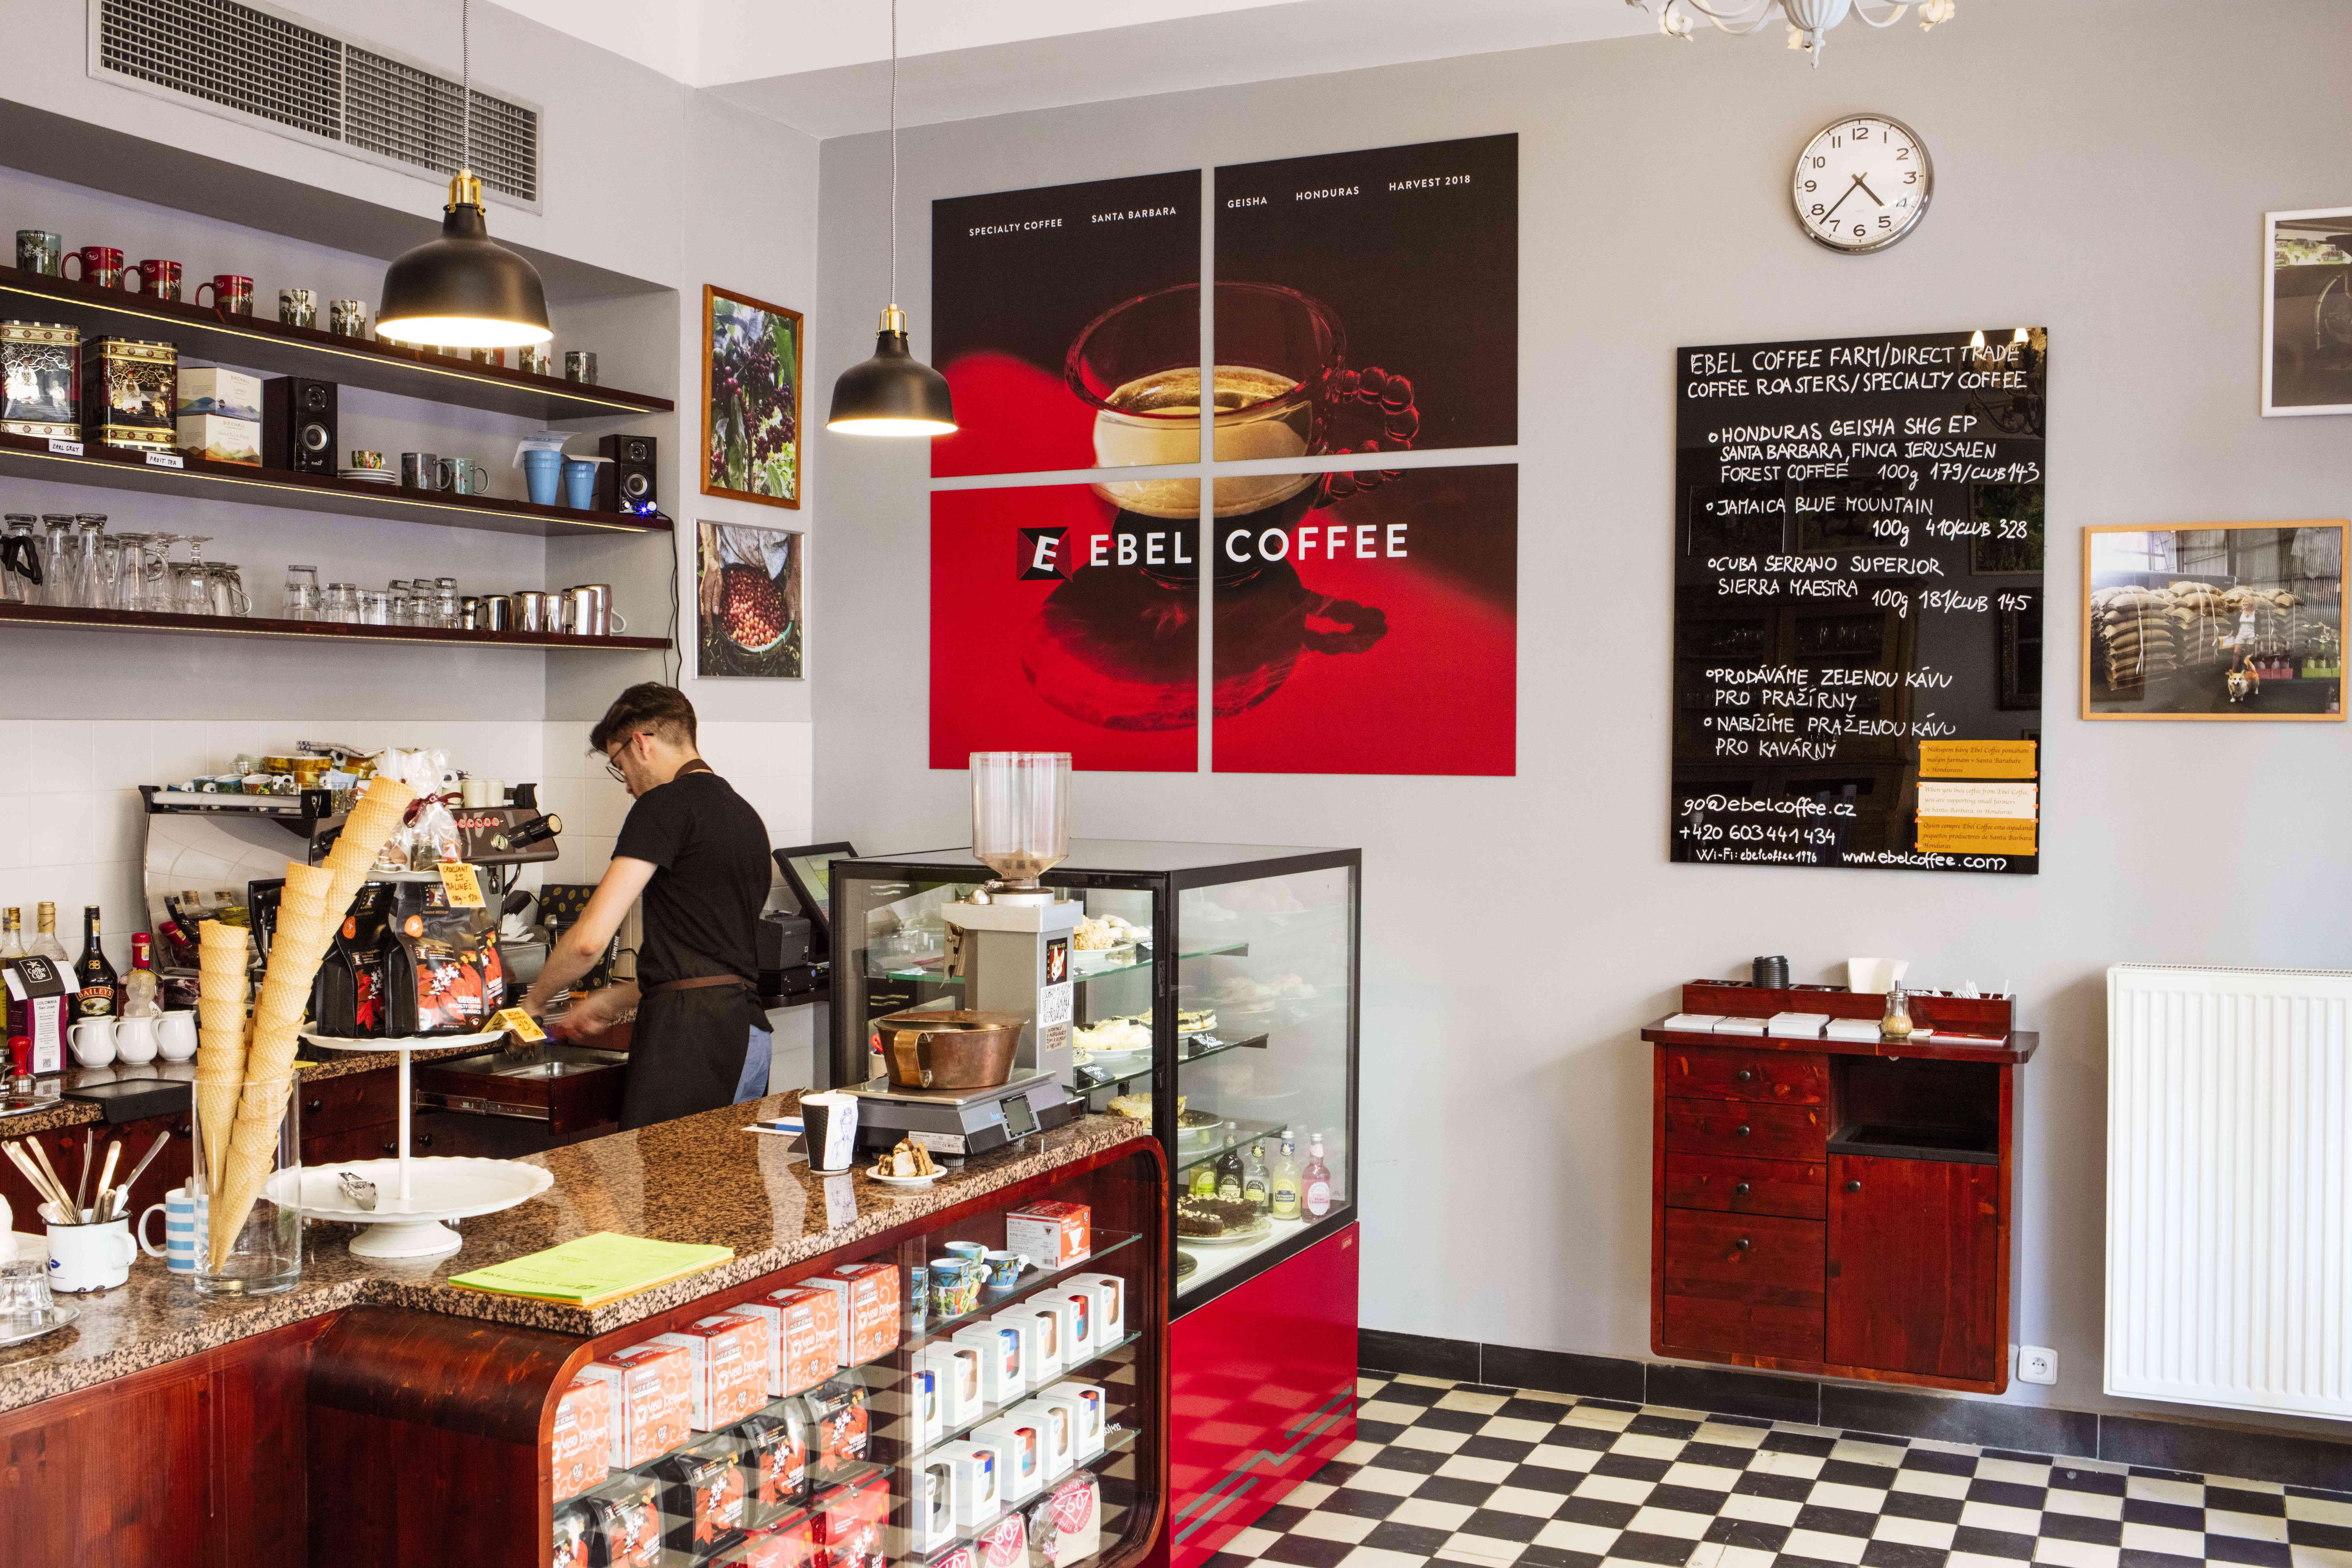 Registro y puesto de café